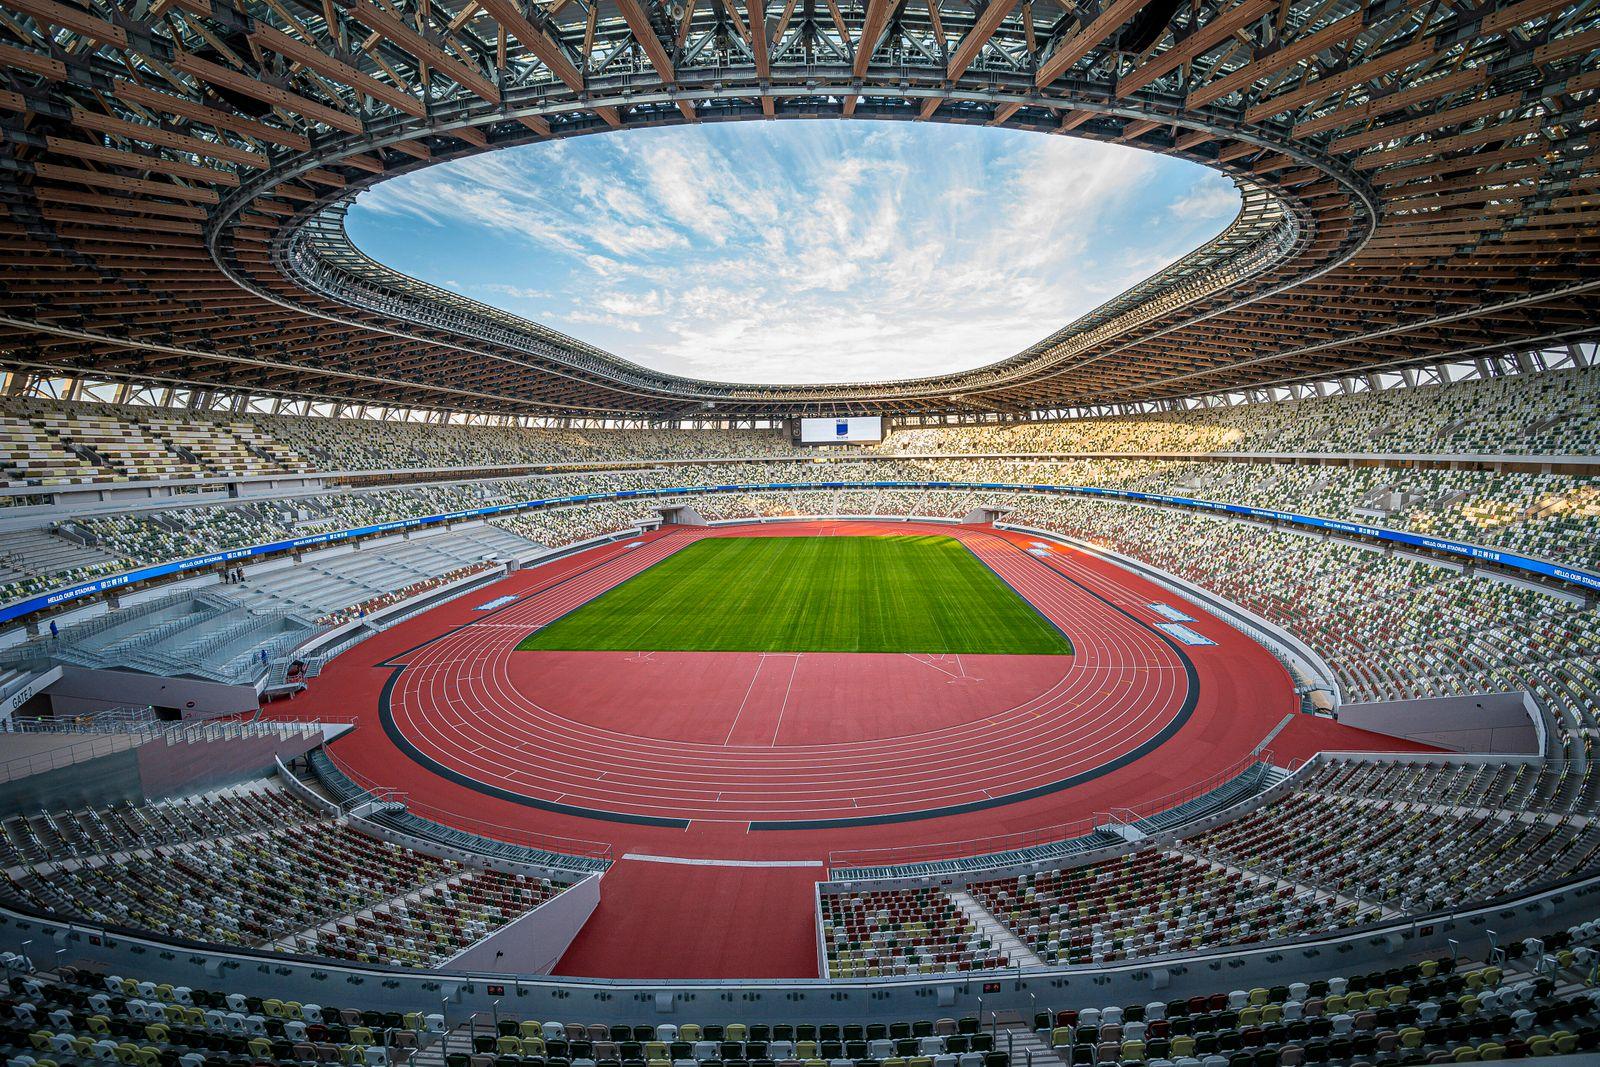 Tokio, Japan: Olympische Spiele 2020 - National Stadium - Olympiastadion Innenansicht National Stadium ohne Zuschauer To